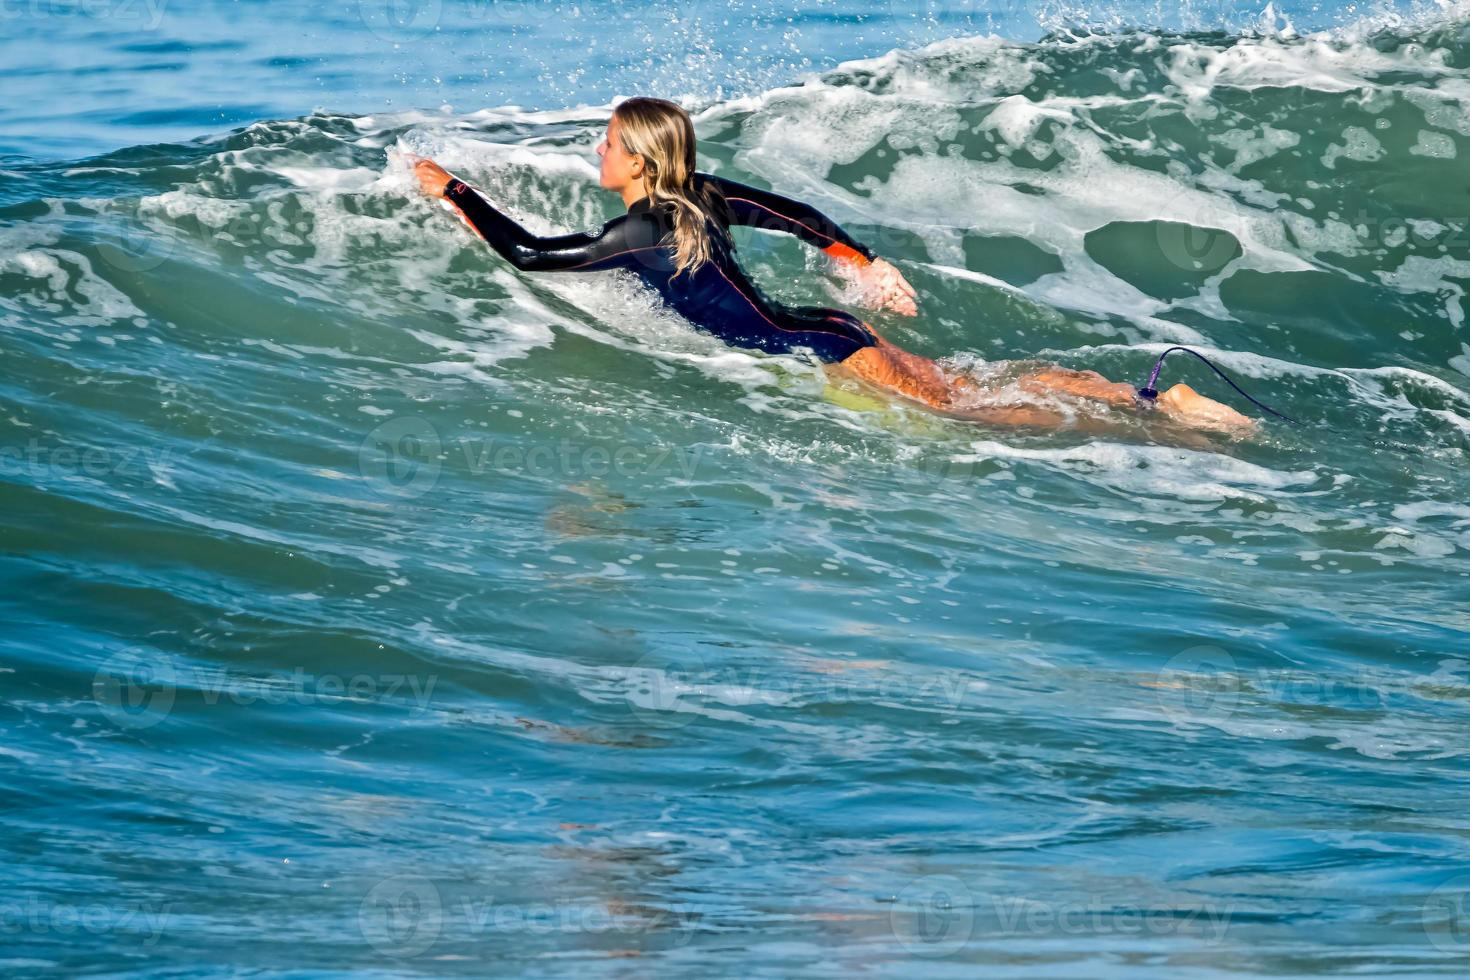 surfeando una ola foto